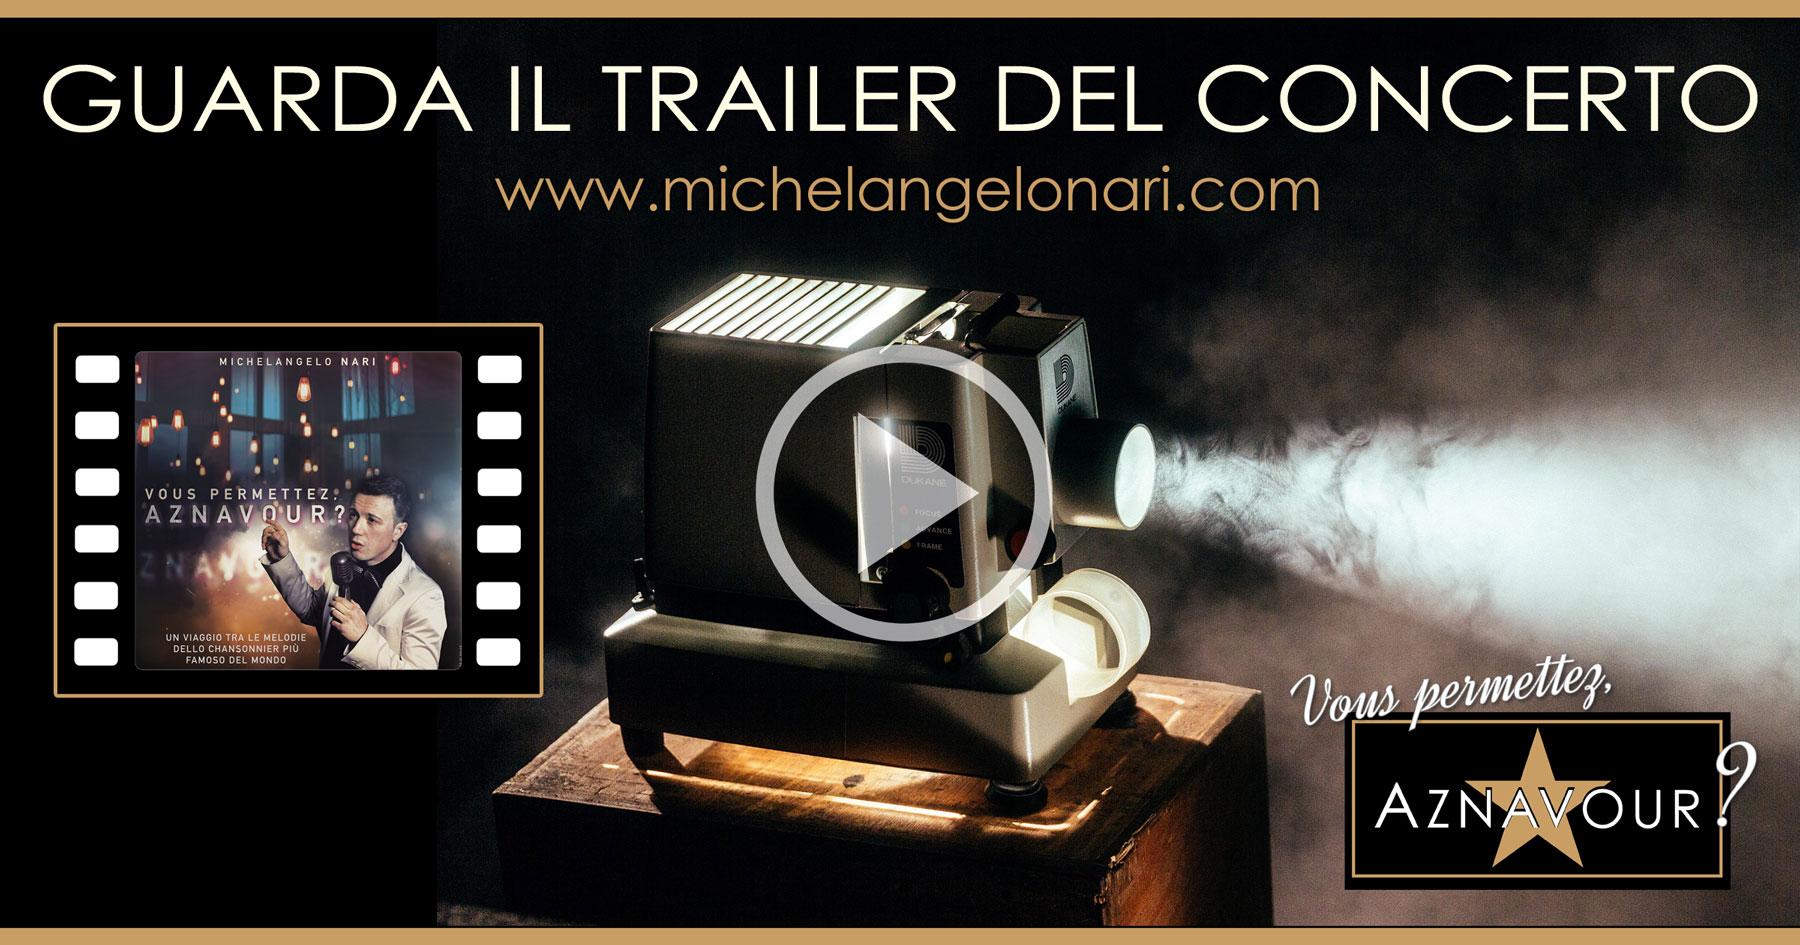 """Guarda il trailer del concerto - """"Vous permettez, Aznavour?"""" - Michelangelo Nari"""